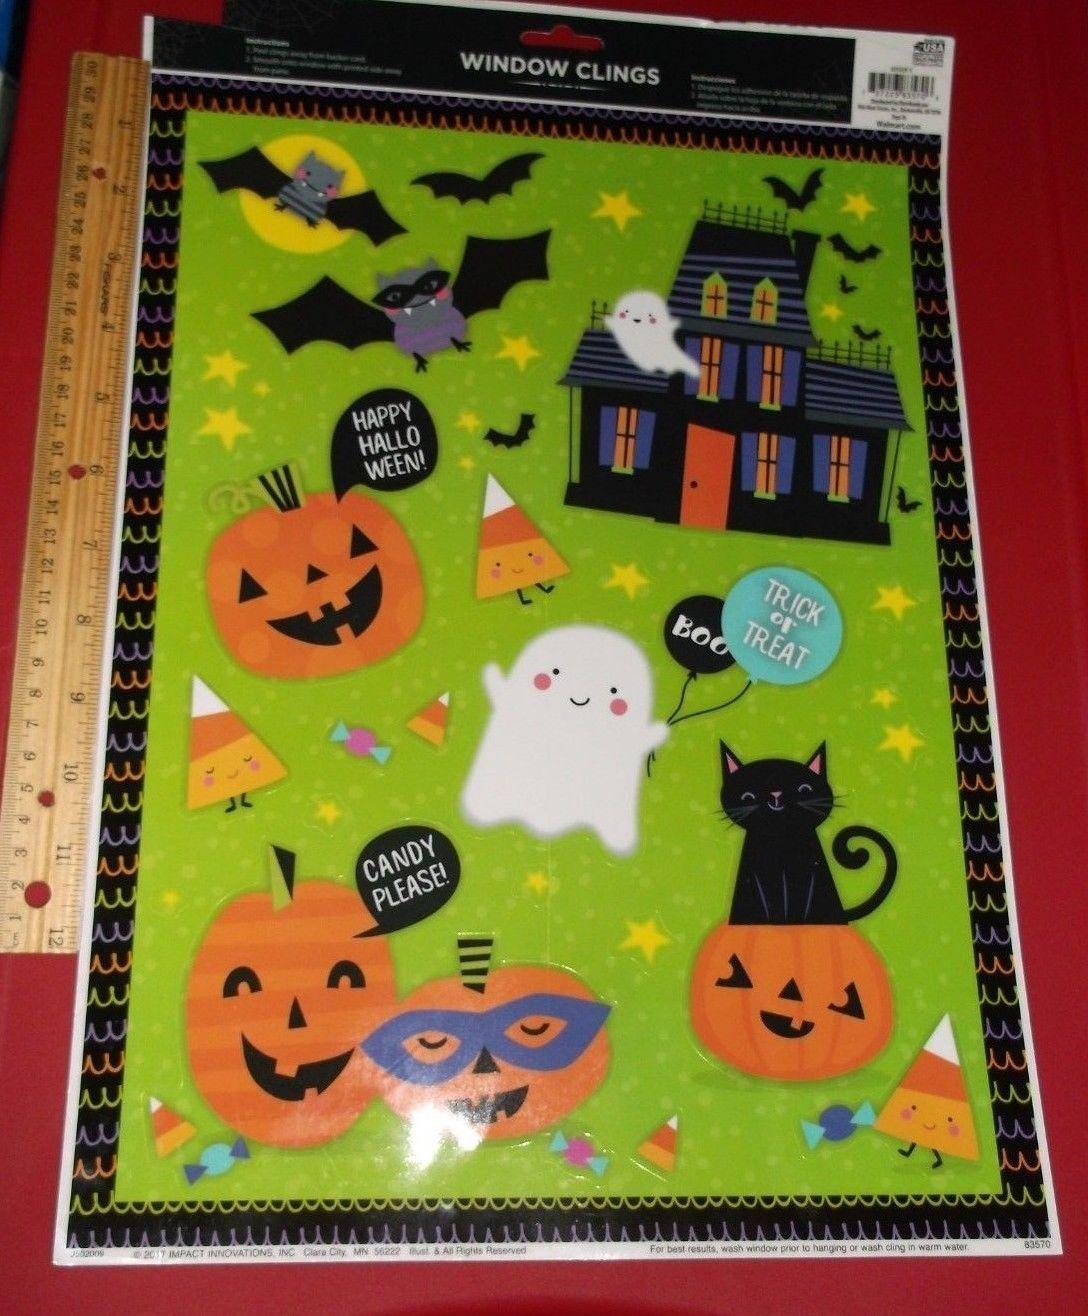 1.49 | new-happy halloween window clings-ghost-bats-jack-o-lanterns